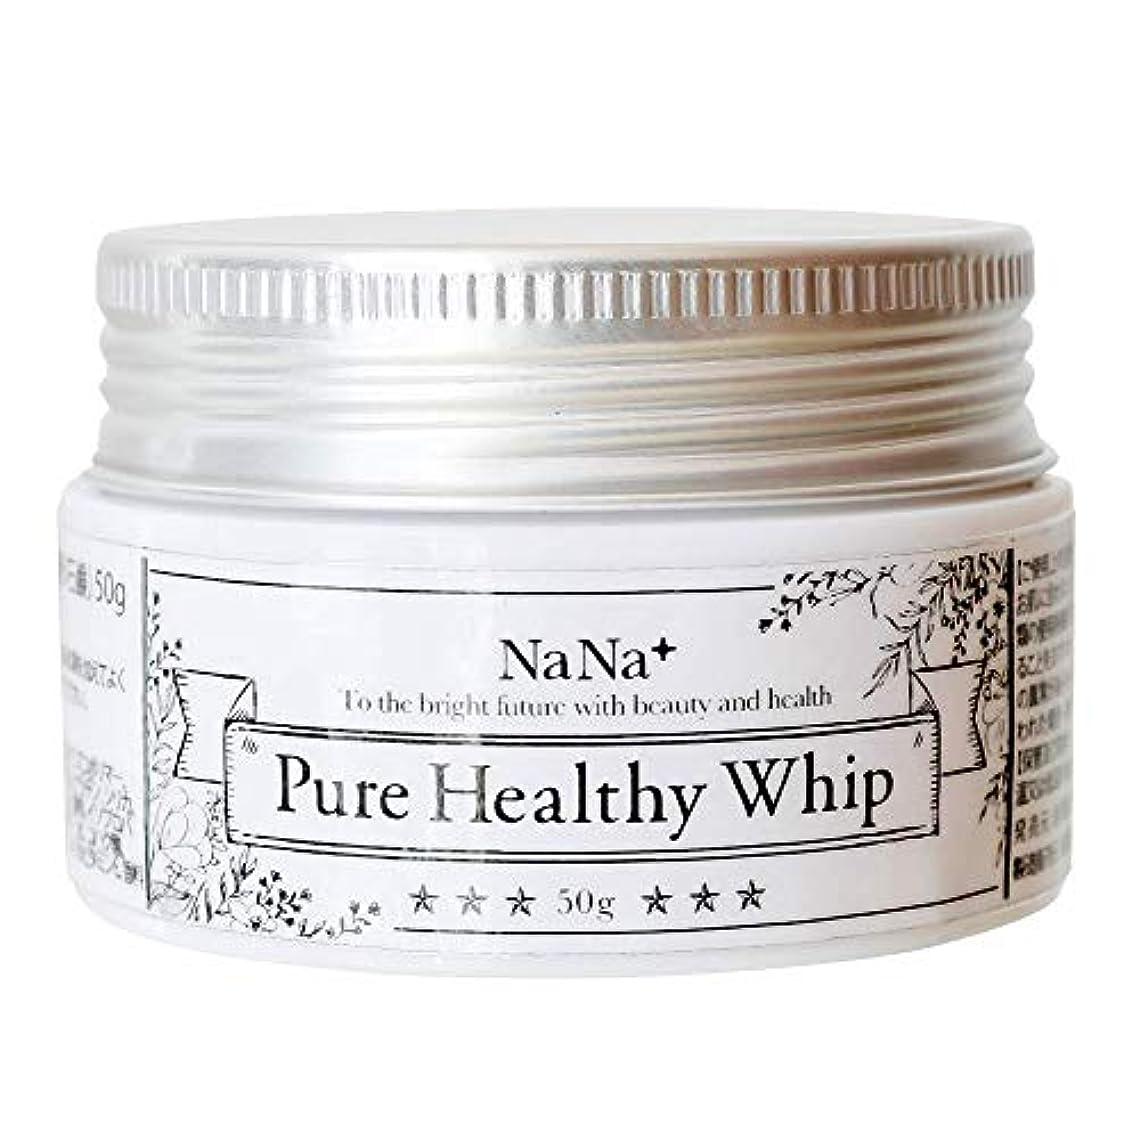 コーチ変換するヘビ洗顔 生せっけん 敏感肌 乾燥肌 の 毛穴 くすみ 黒ずみ ケア 肌に優しい無添加  nana+ピュアヘルシーホイップ